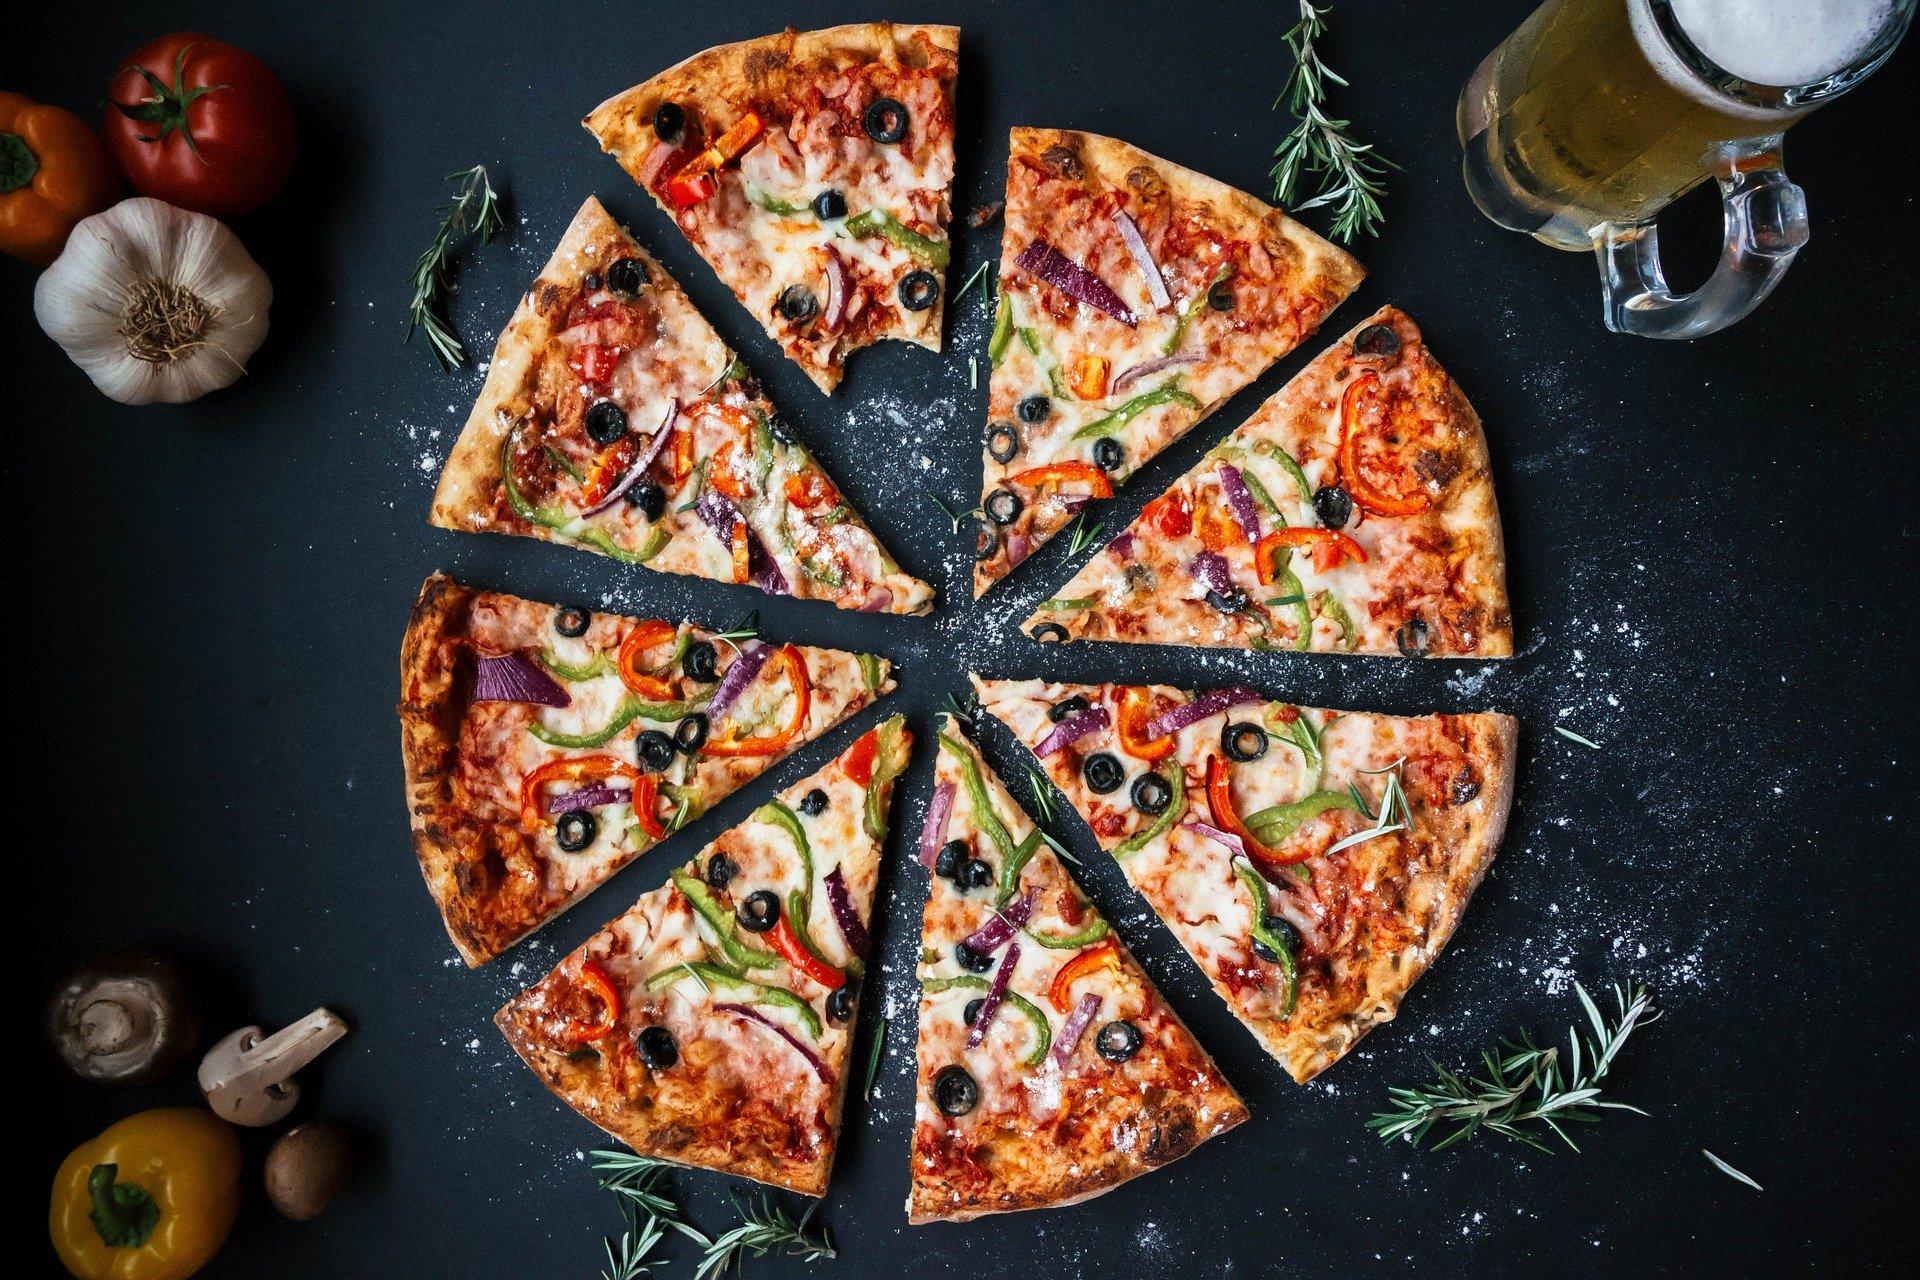 【アルゼンチンで現地人が選ぶおすすめのピザ屋5選】(スペイン語チャレンジ98日目)